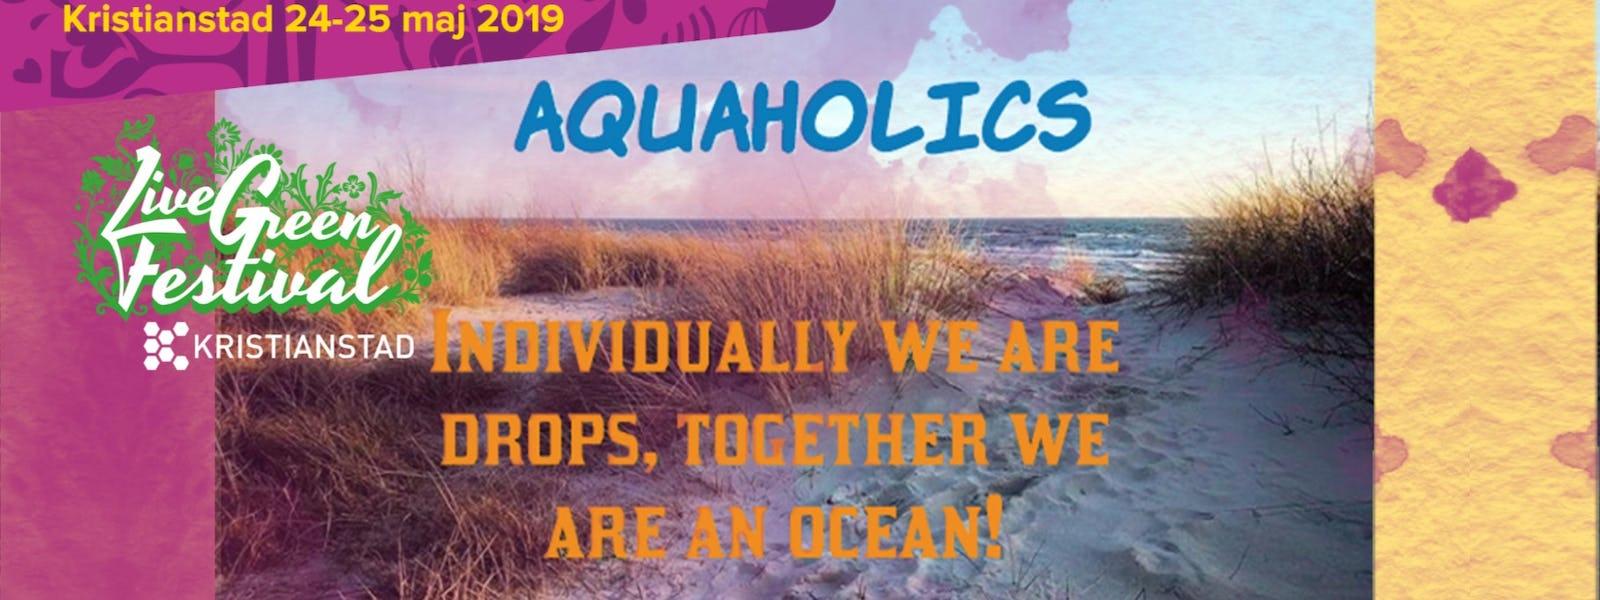 Bild - Aquaholics